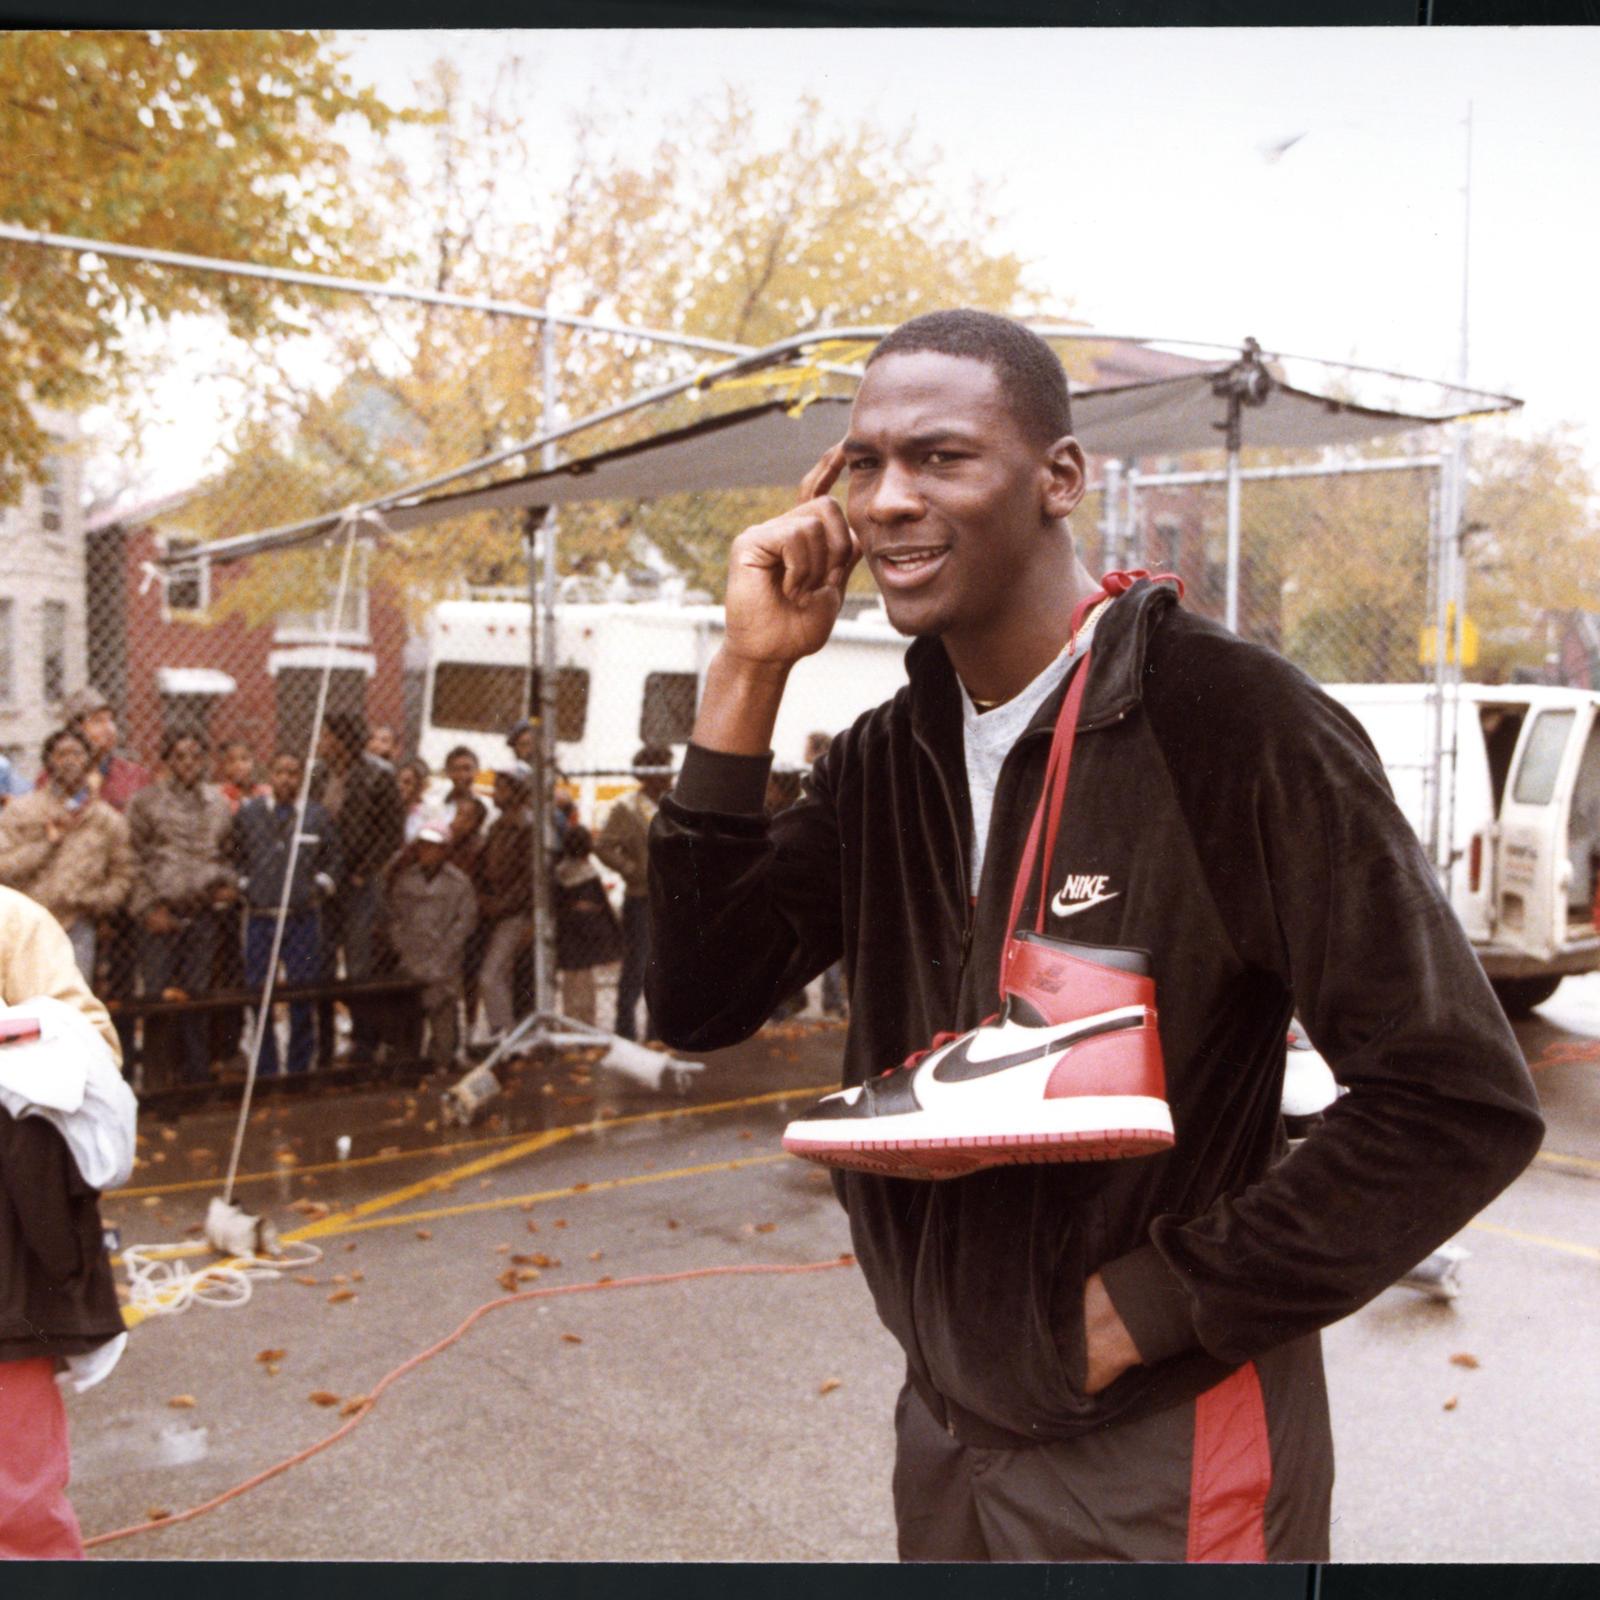 Michael Jordan on the Air Jordan I shoot